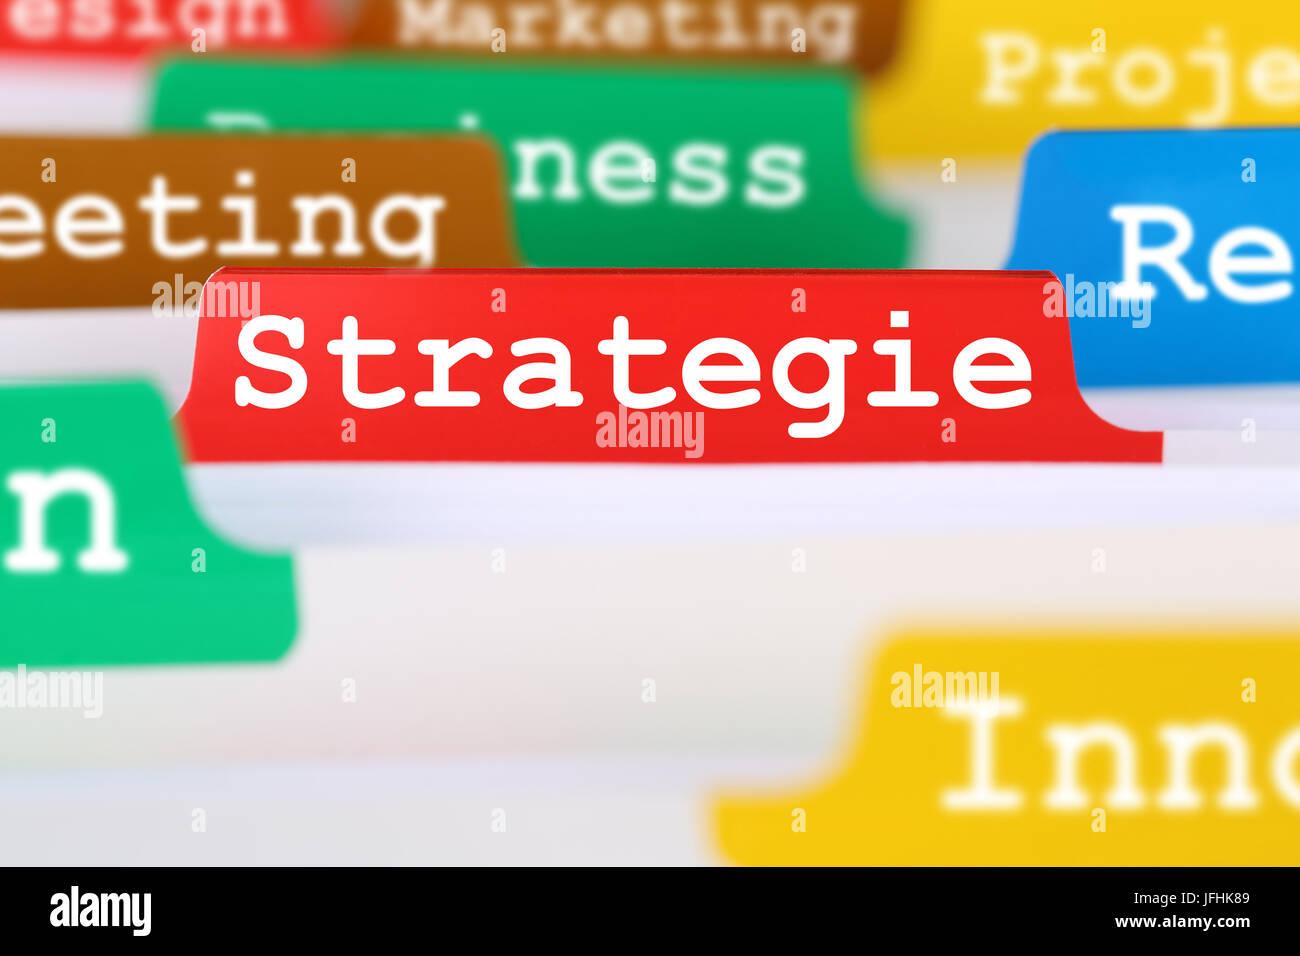 Strategie und Entwicklung einer Firma Register auf Business Dokumente - Stock Image